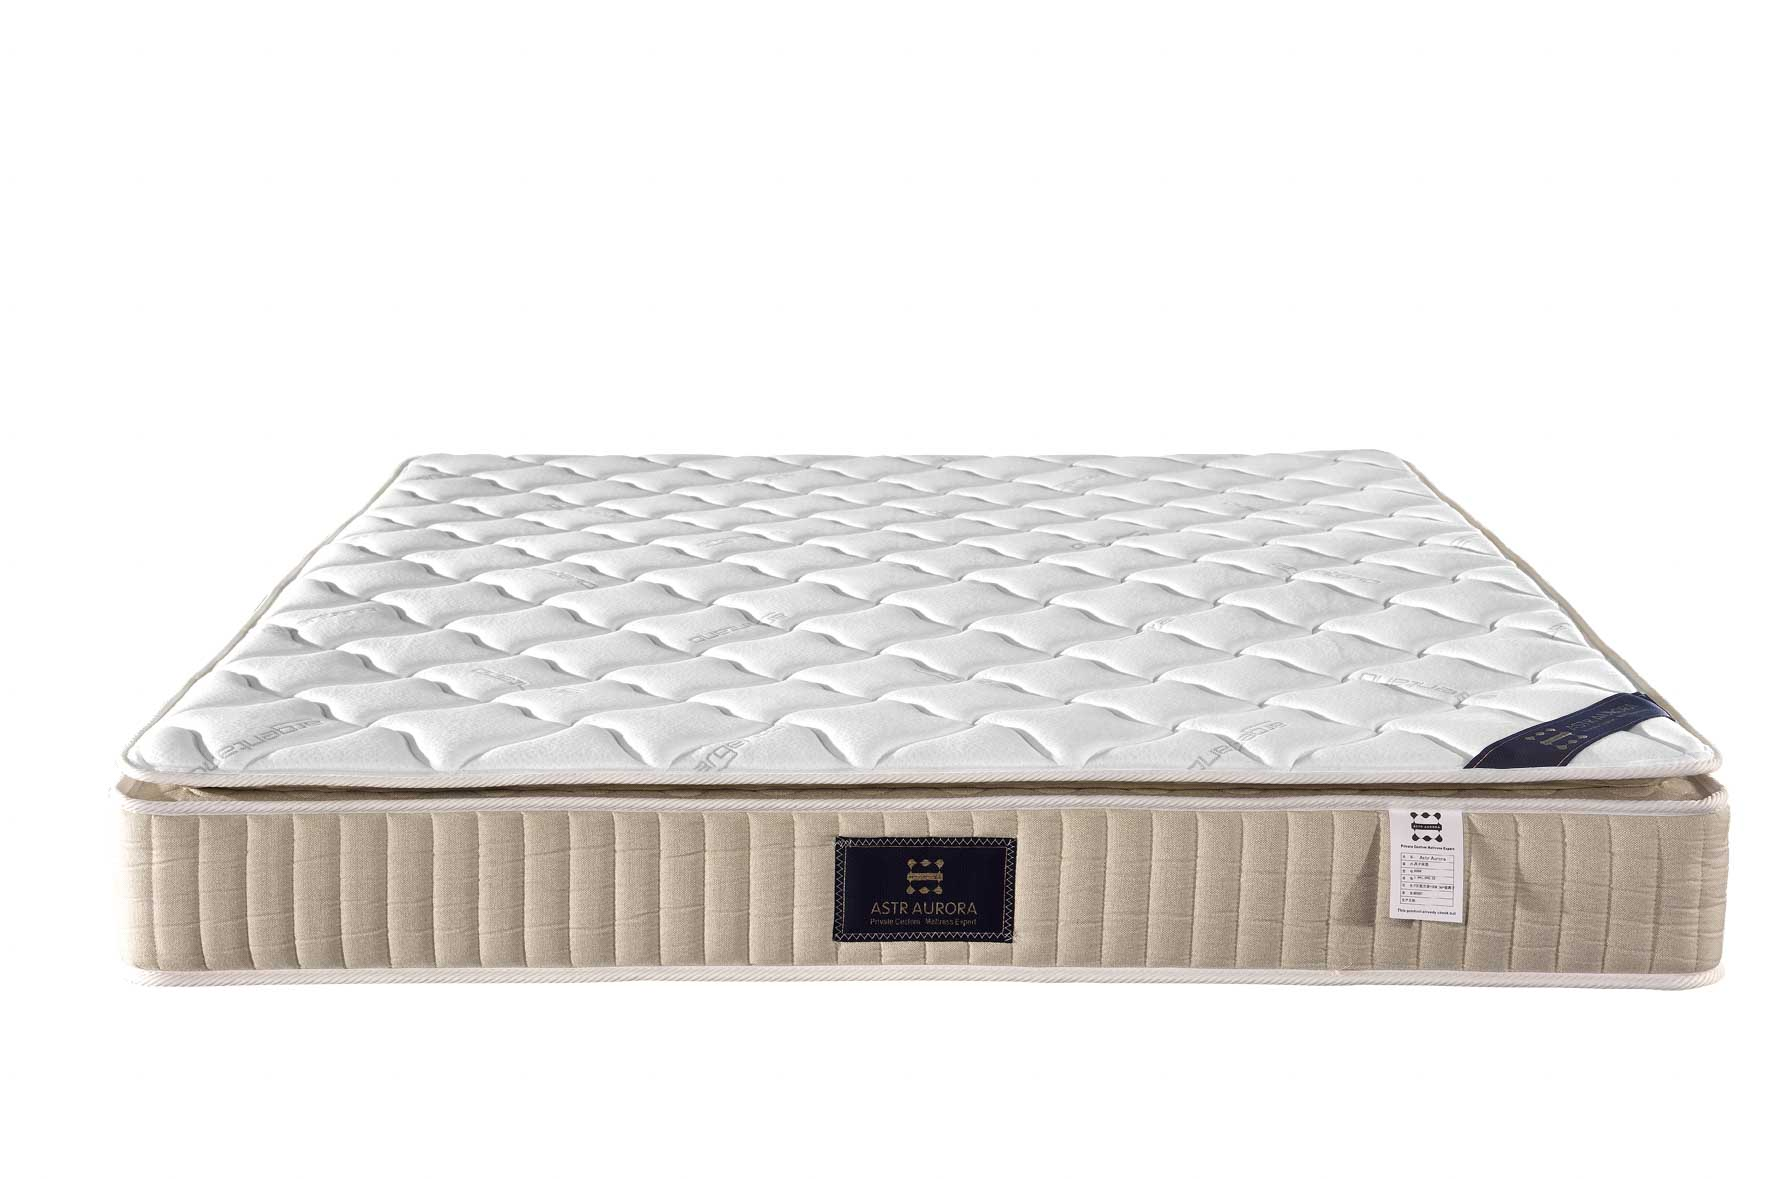 长沙定制弹簧床垫规格尺寸 真诚推荐 苏州星夜家居科技供应